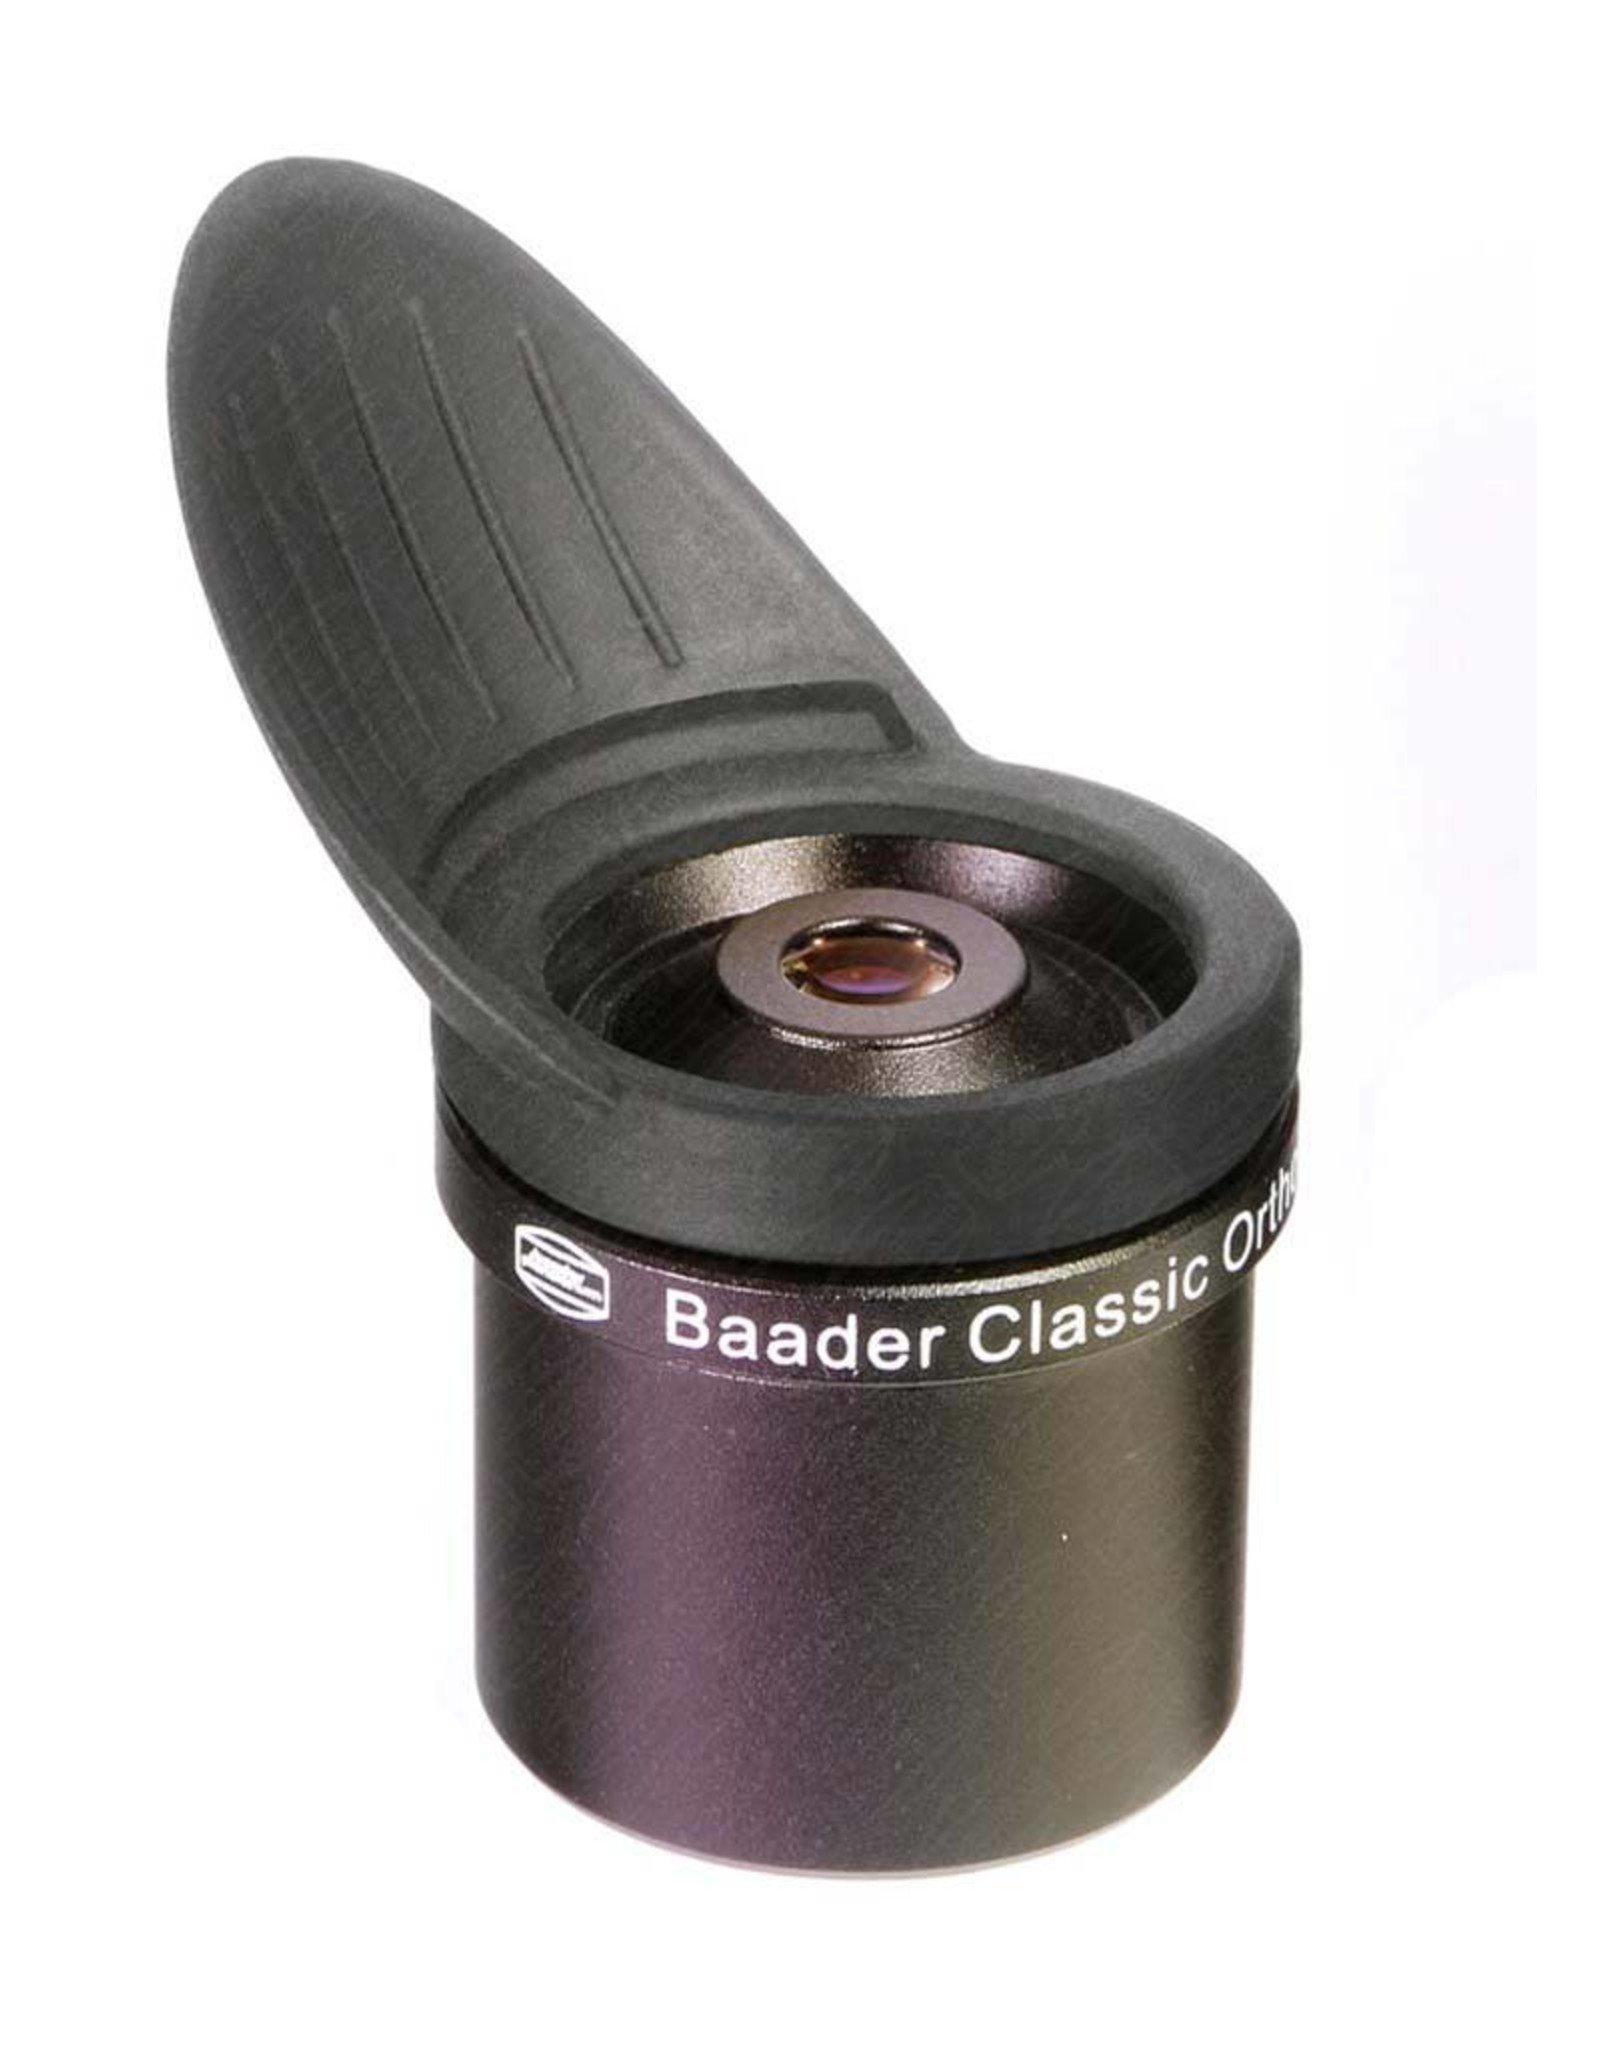 Baader Planetarium Baader Classic Ortho Eyepiece 6mm